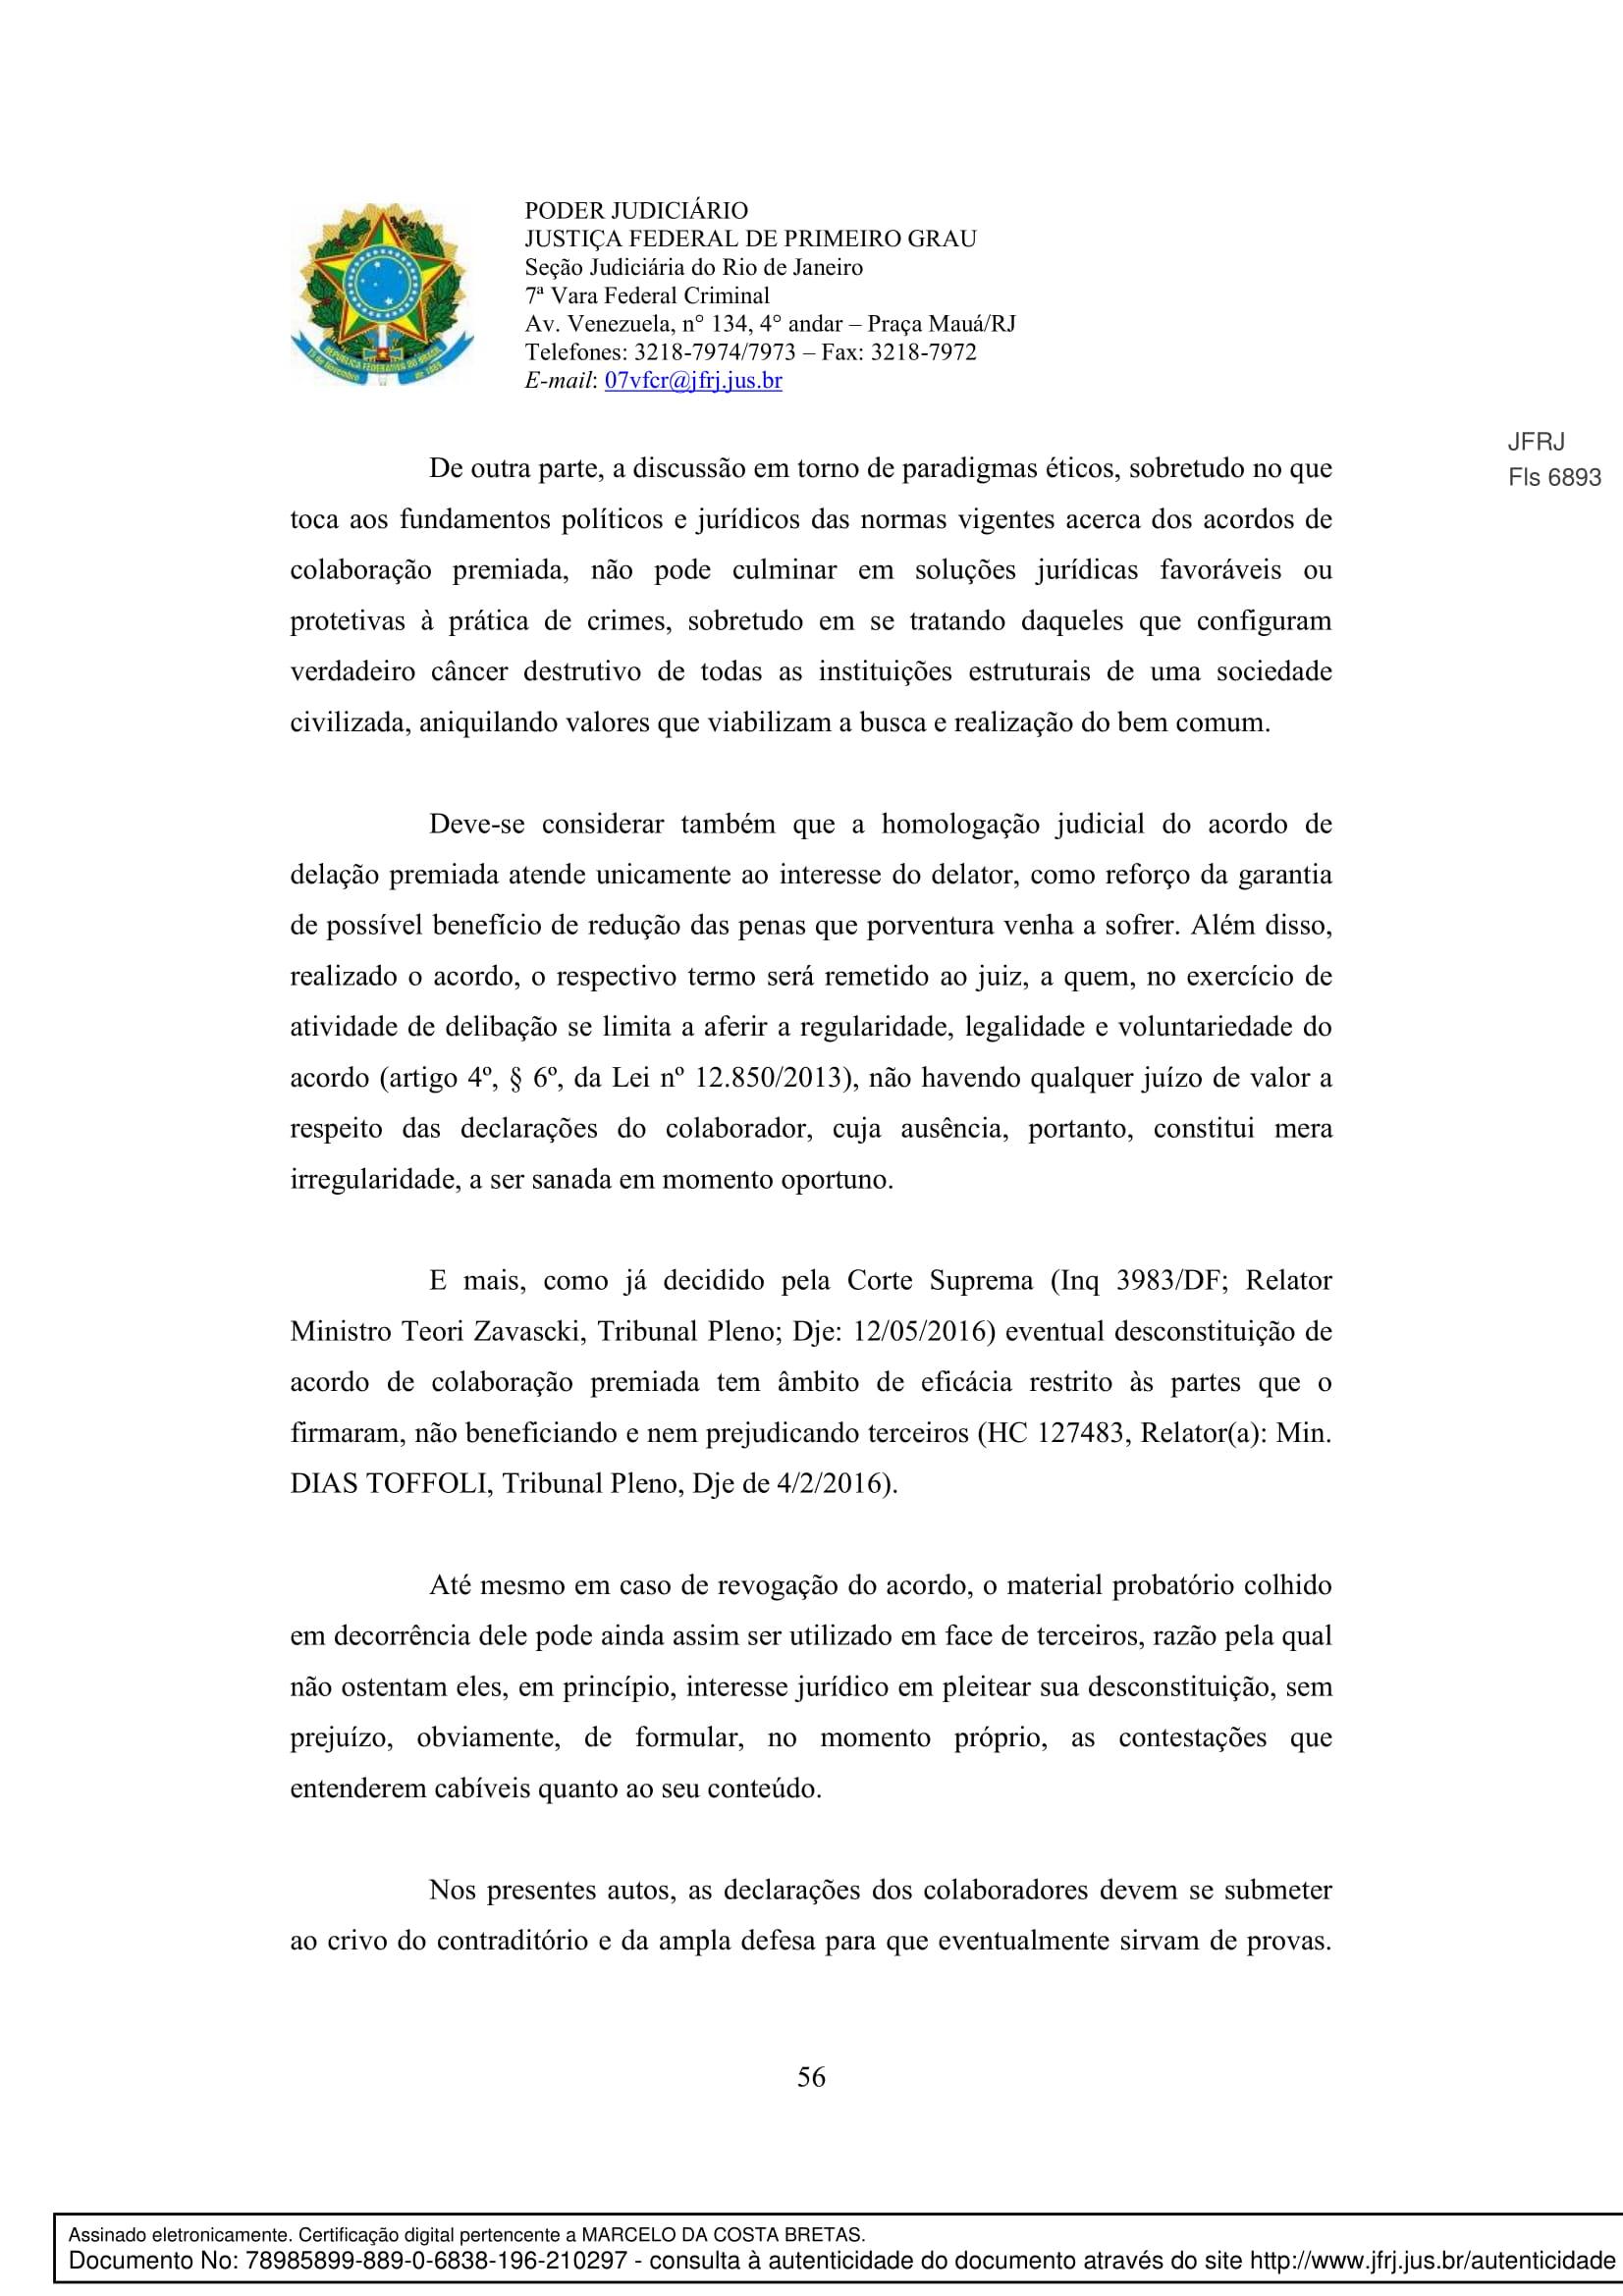 Sentenca-Cadeia-Velha-7VFC-056